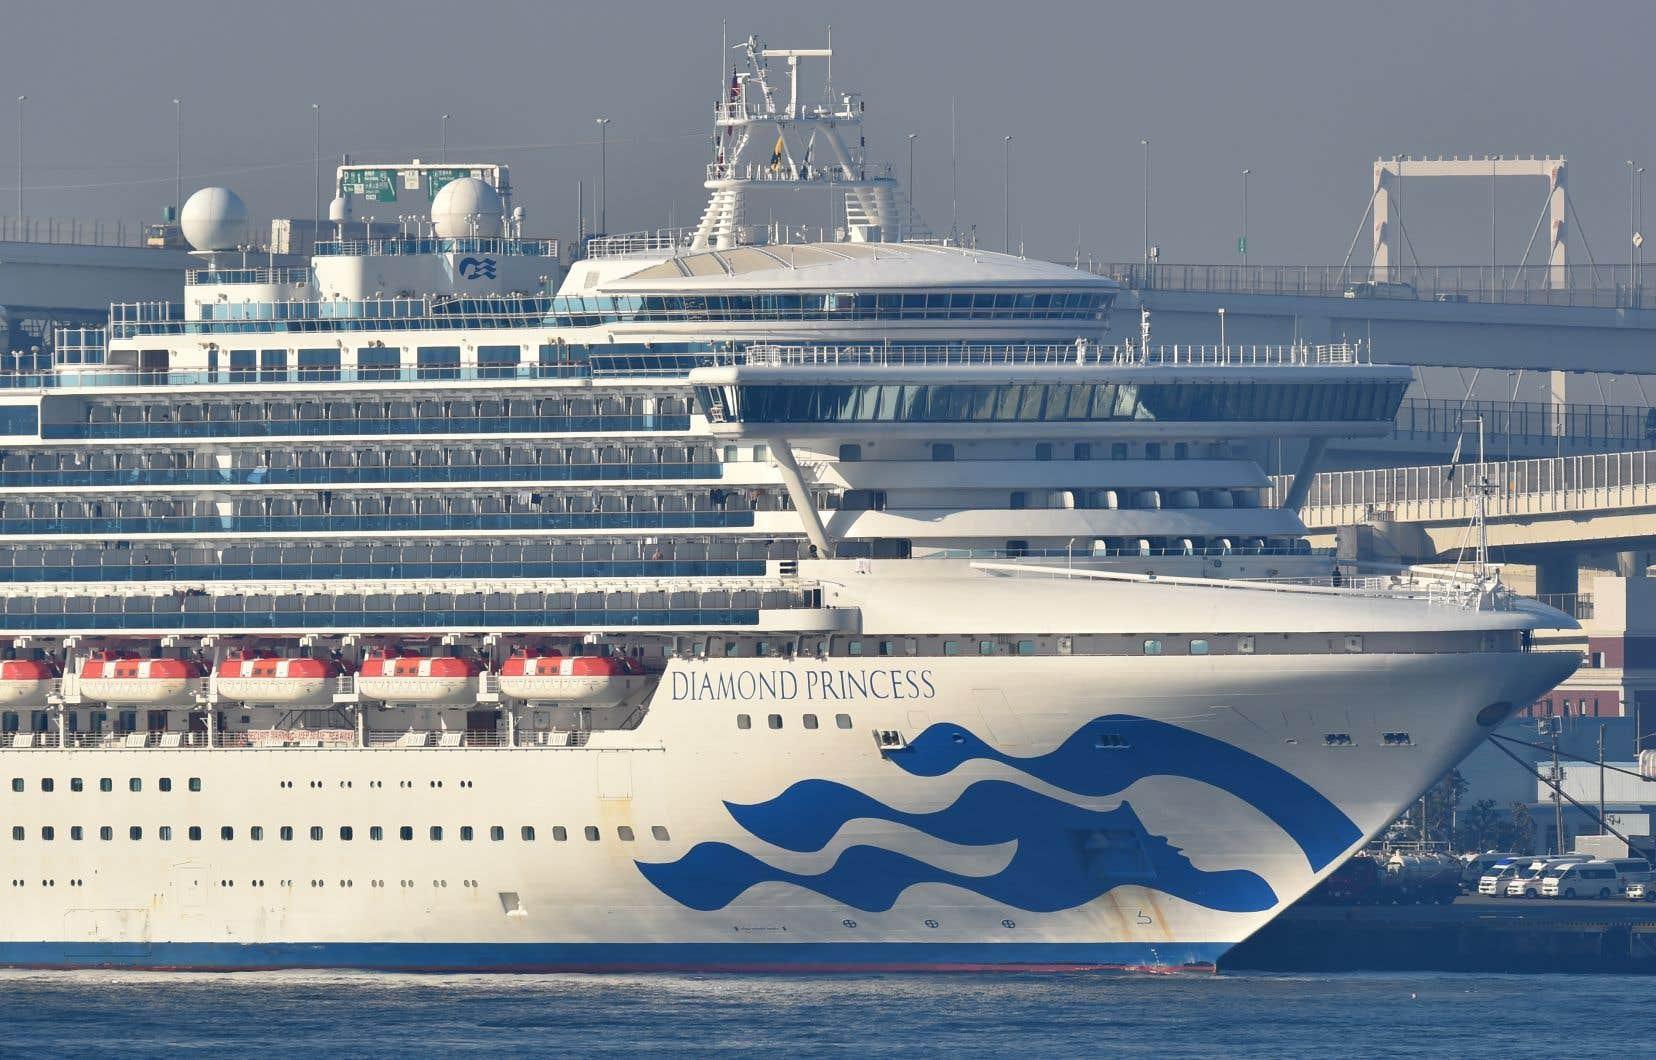 Au total, sur les 3700 passagers du Diamond Princess, près de 285 personnes sont infectées par le COVID-19.